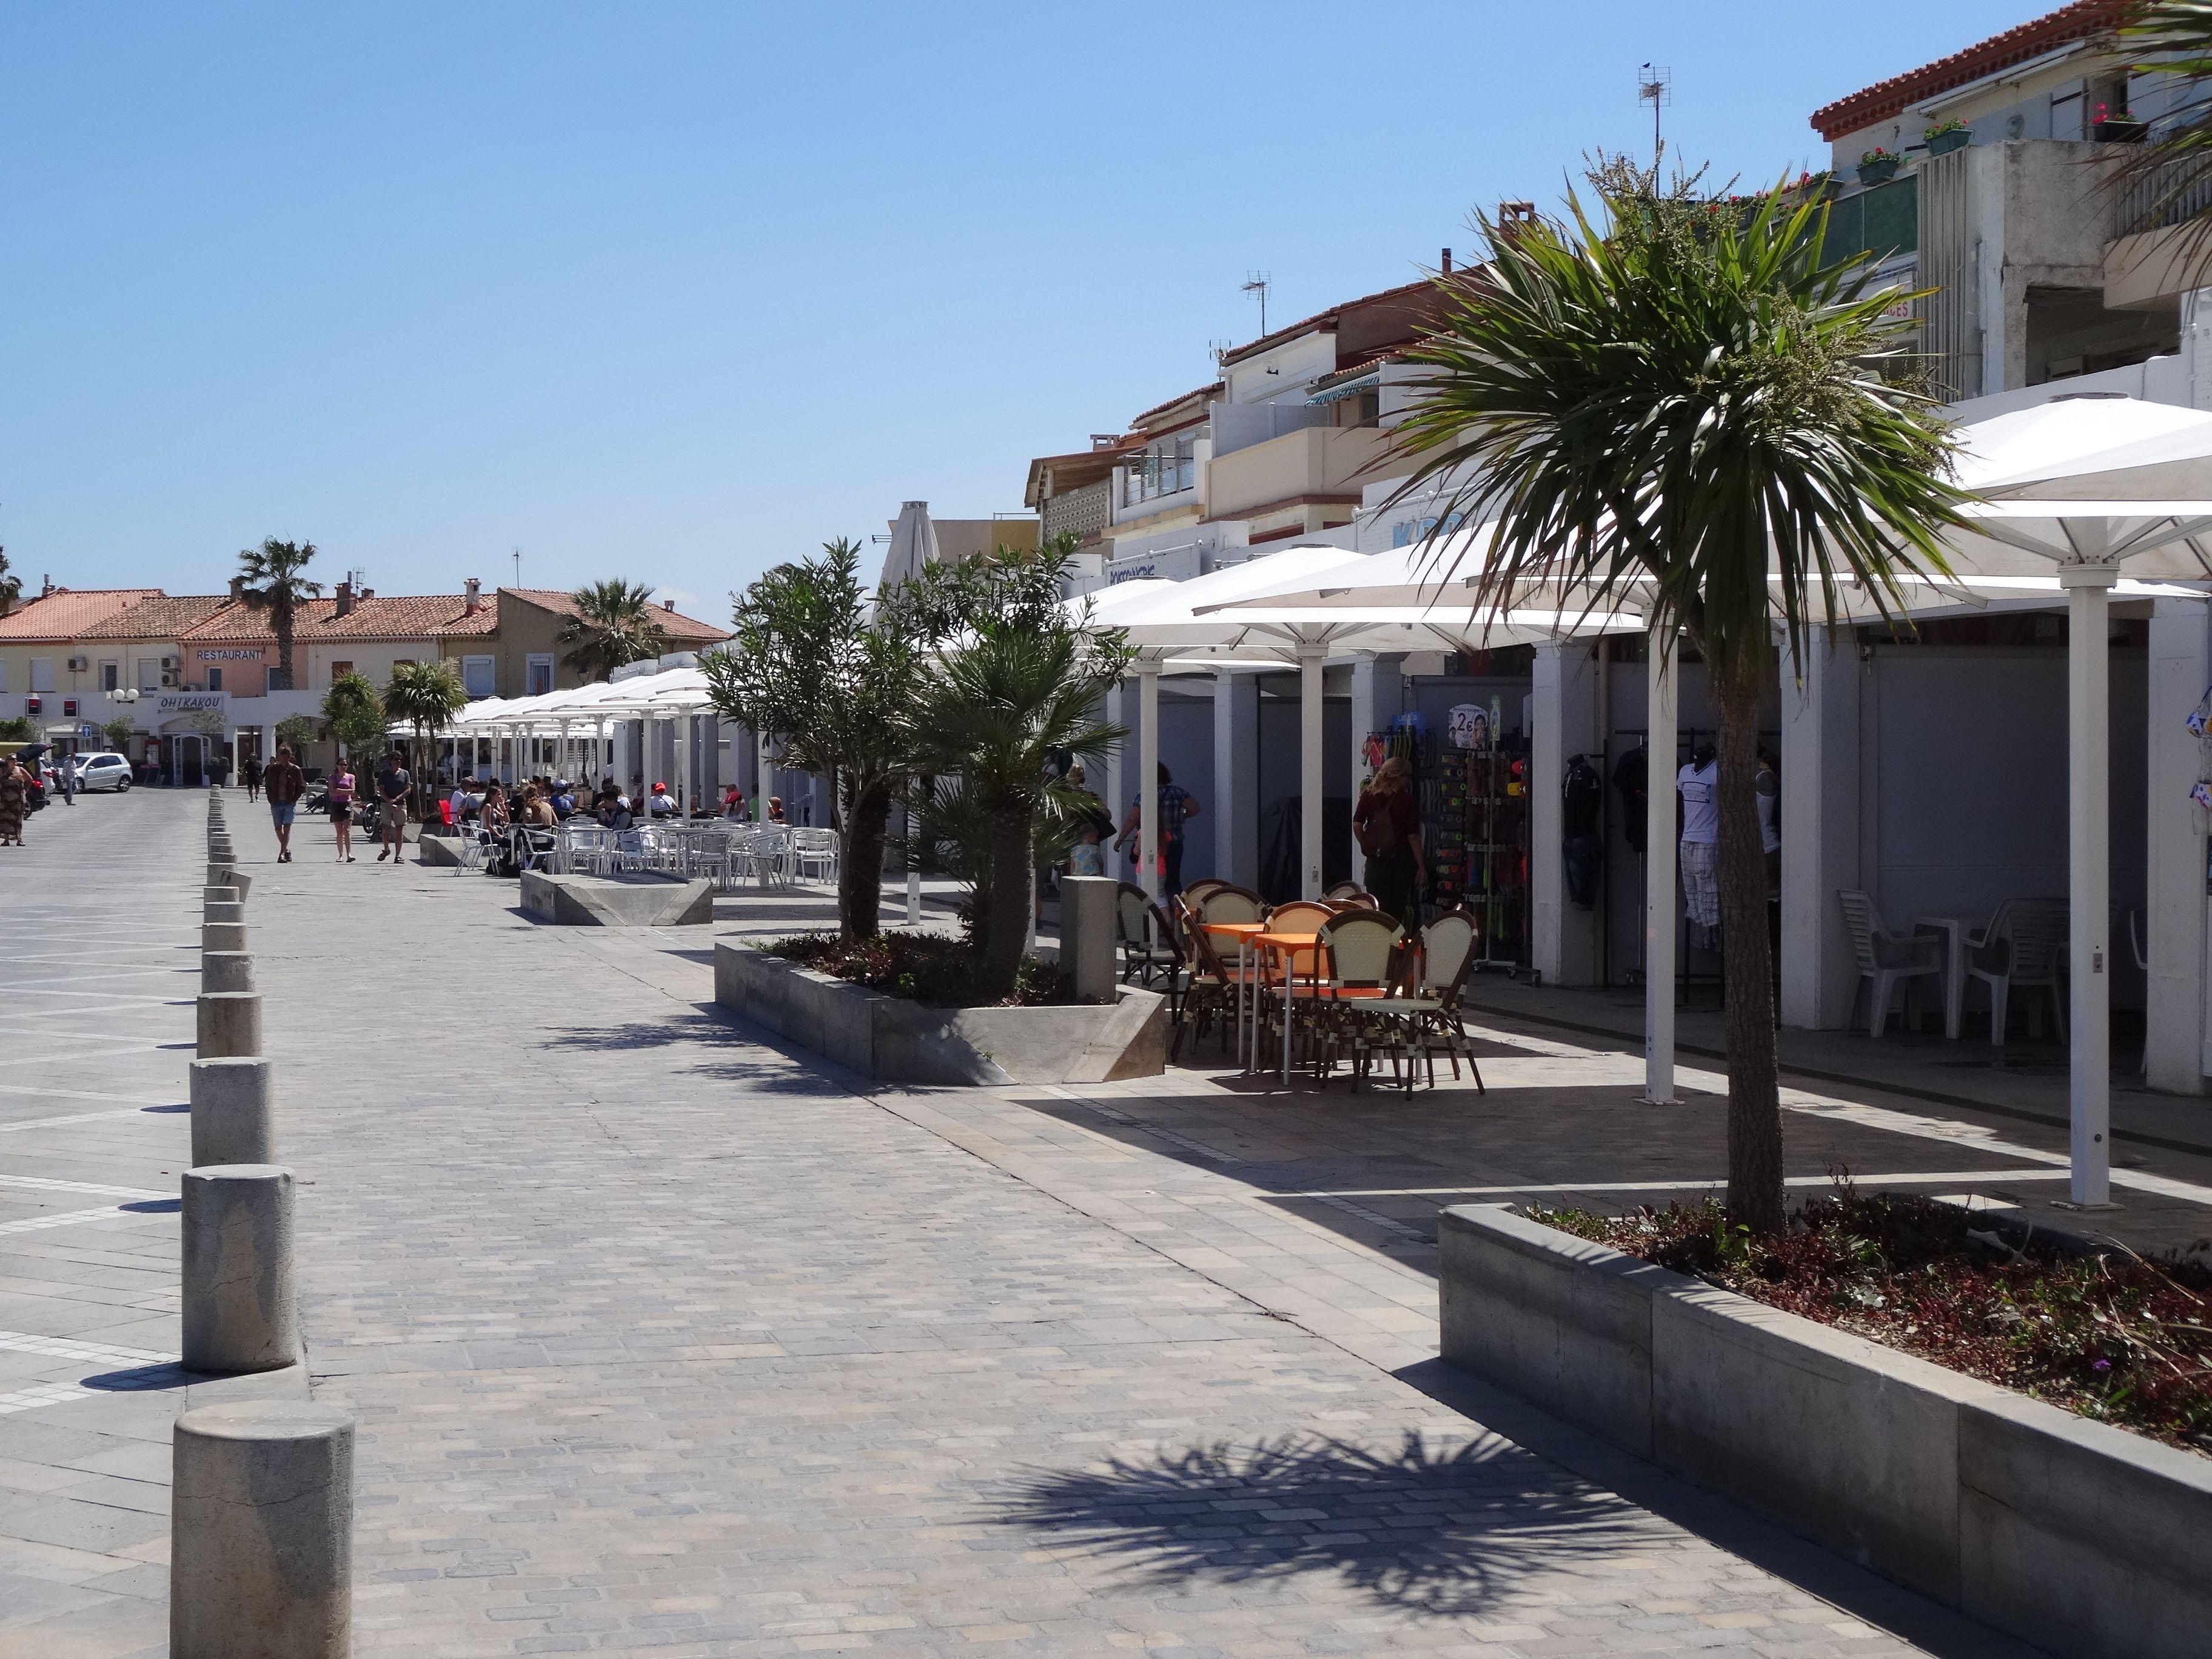 Het mooie Barcares is de ideale plaats voor om in het seizoen rond te hangen (strand - resto's - winkeltjes - marktjes - en tal van evenementen)